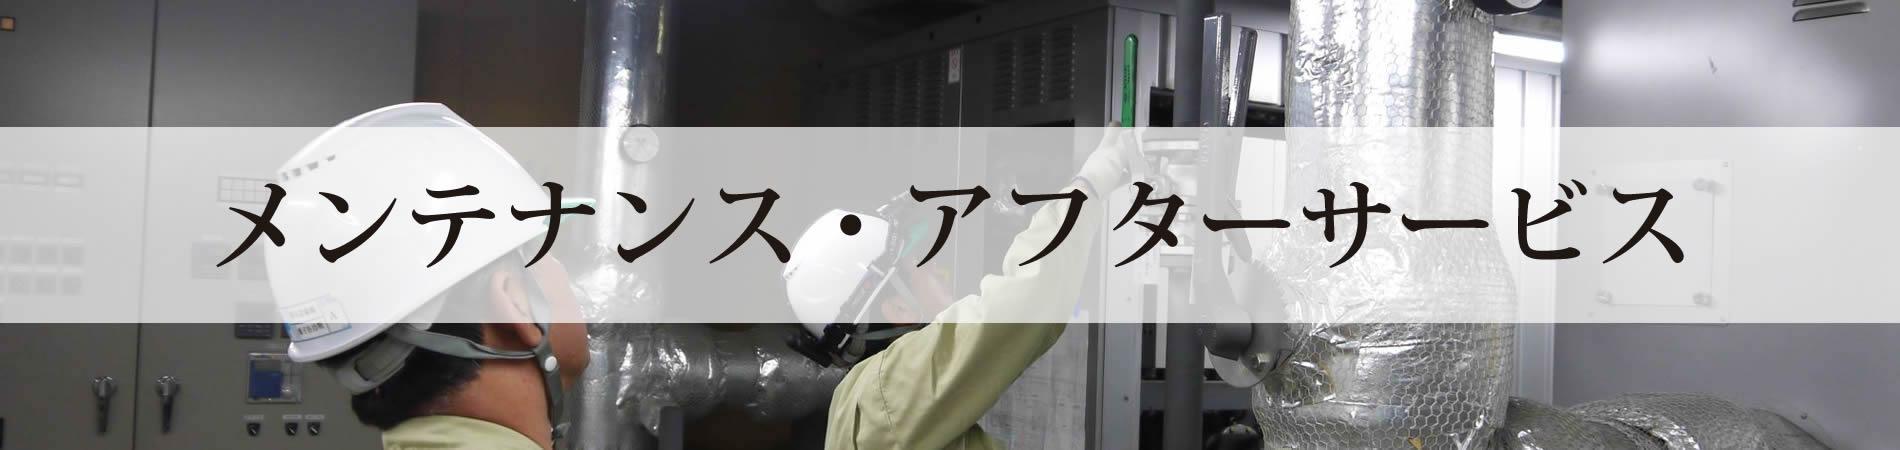 メンテナンス・アフターサービス